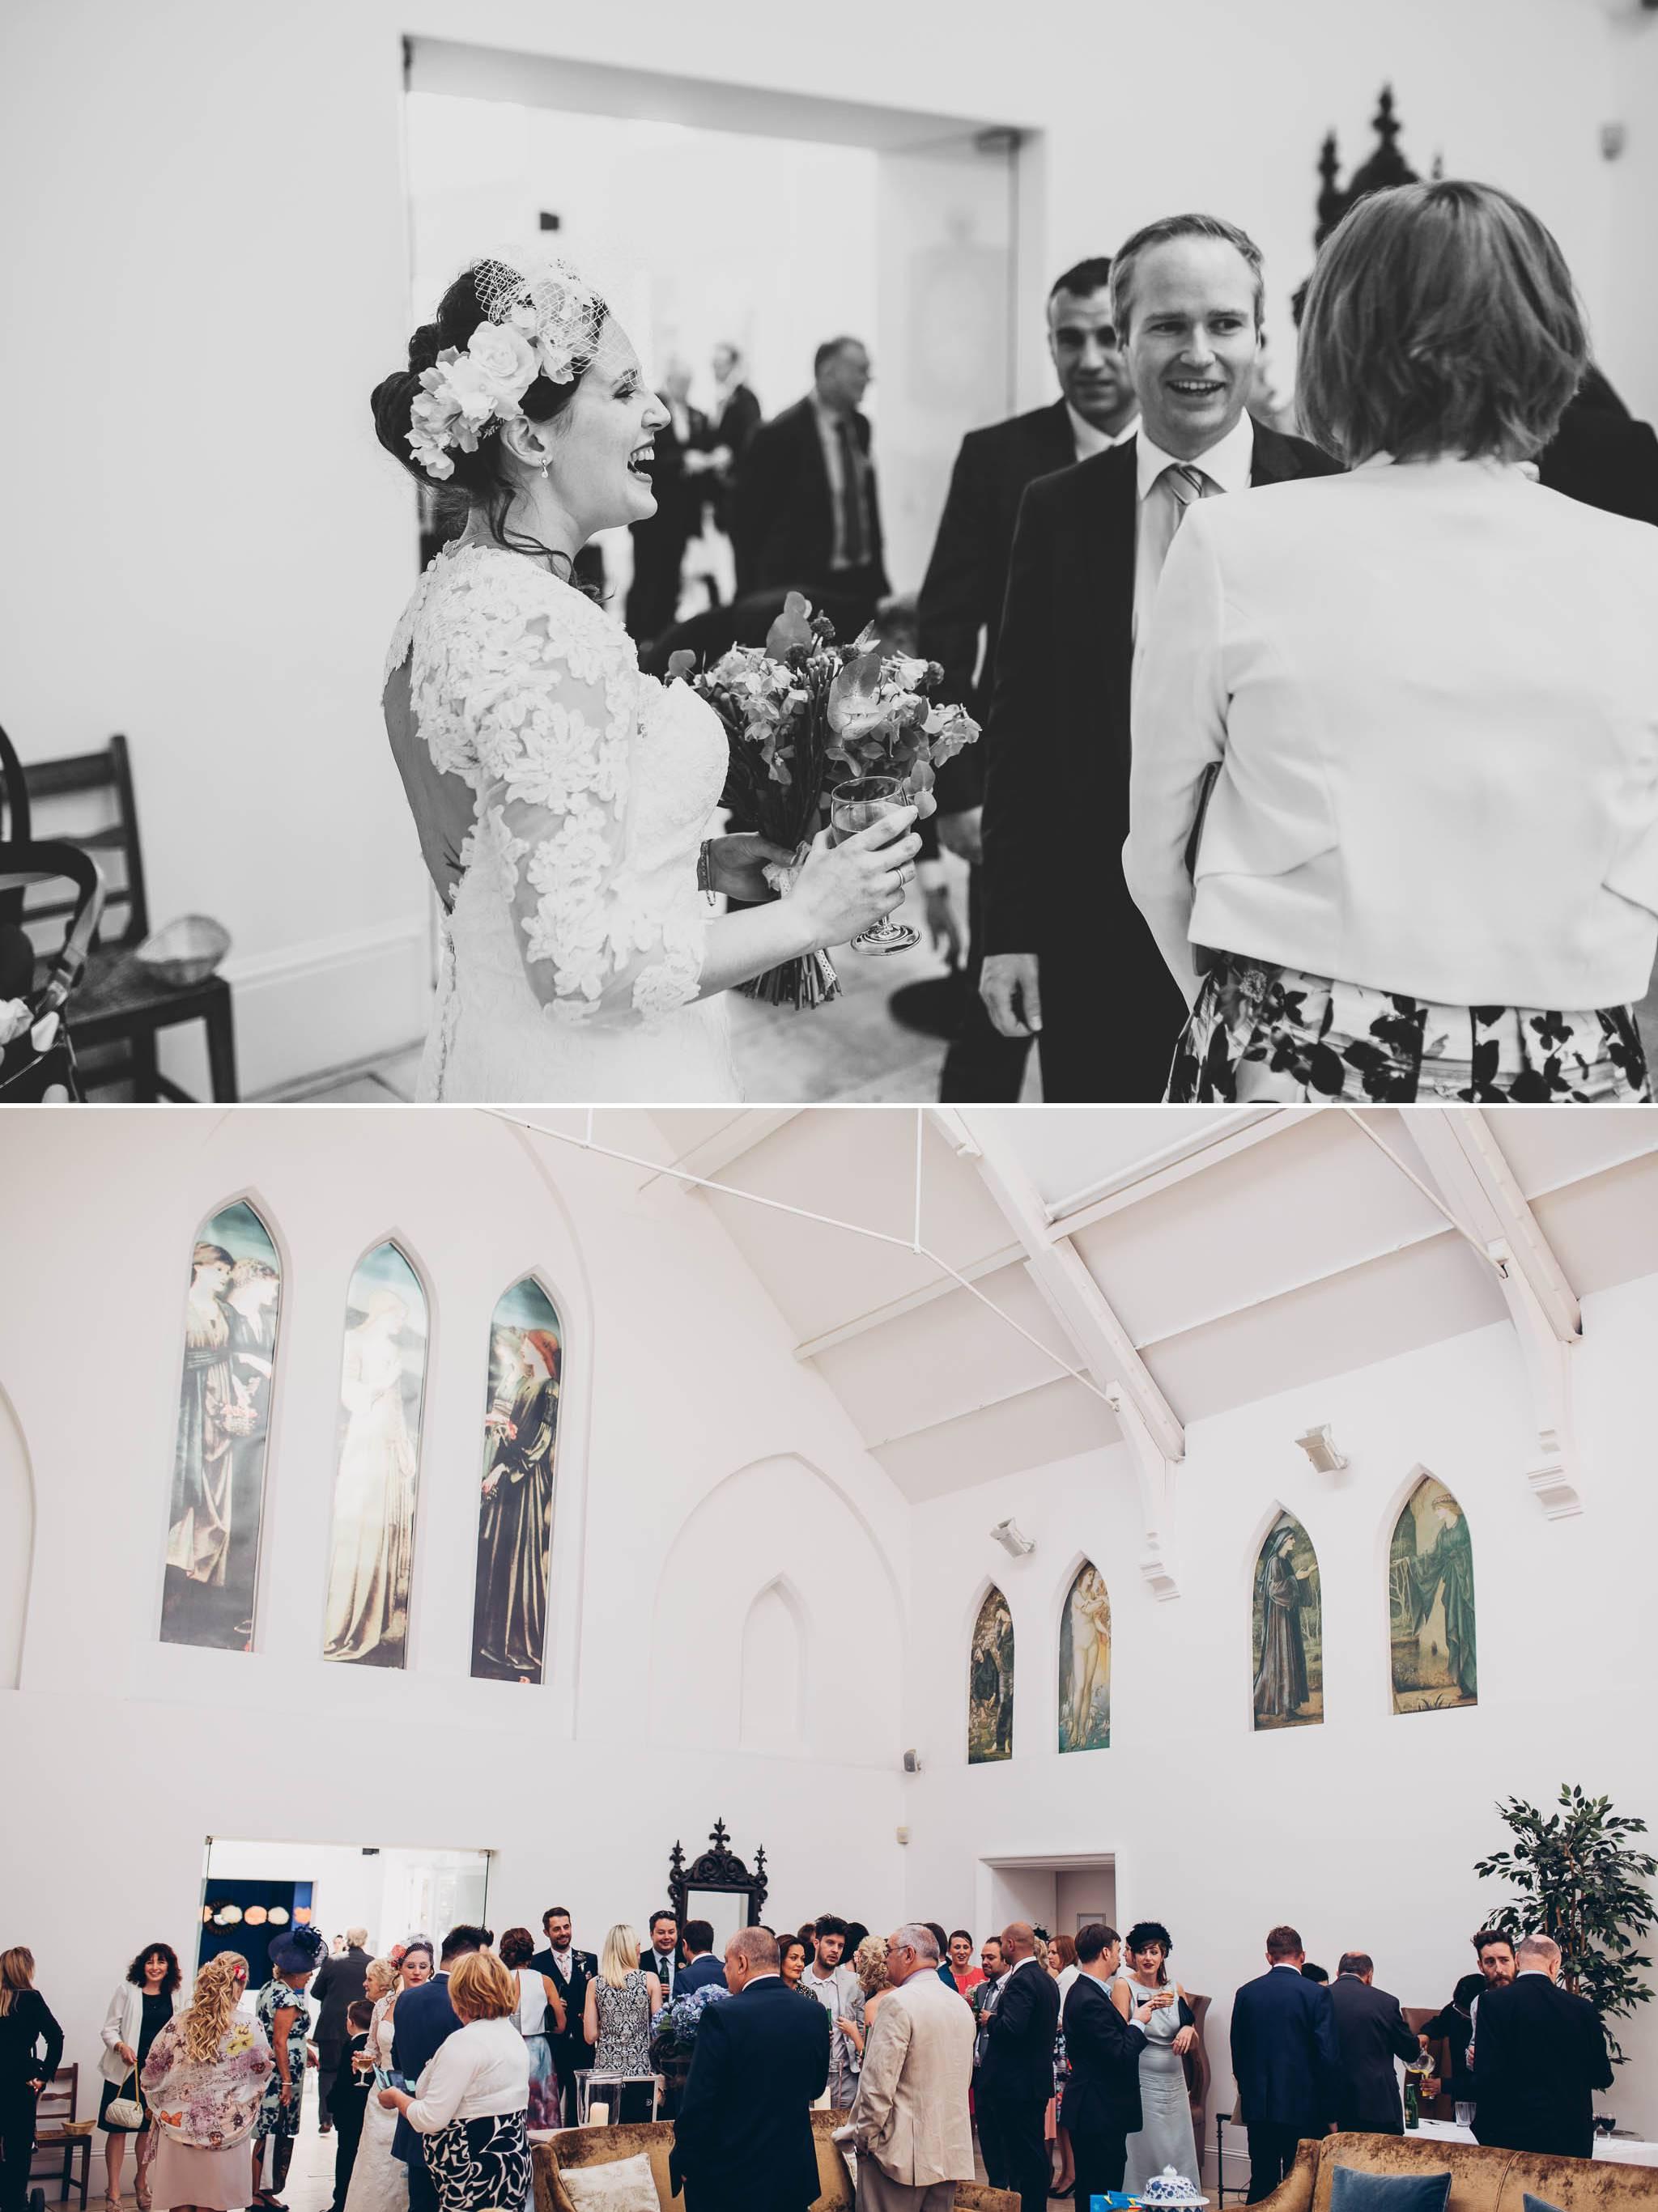 birmingham-wedding-photographer 11.jpg